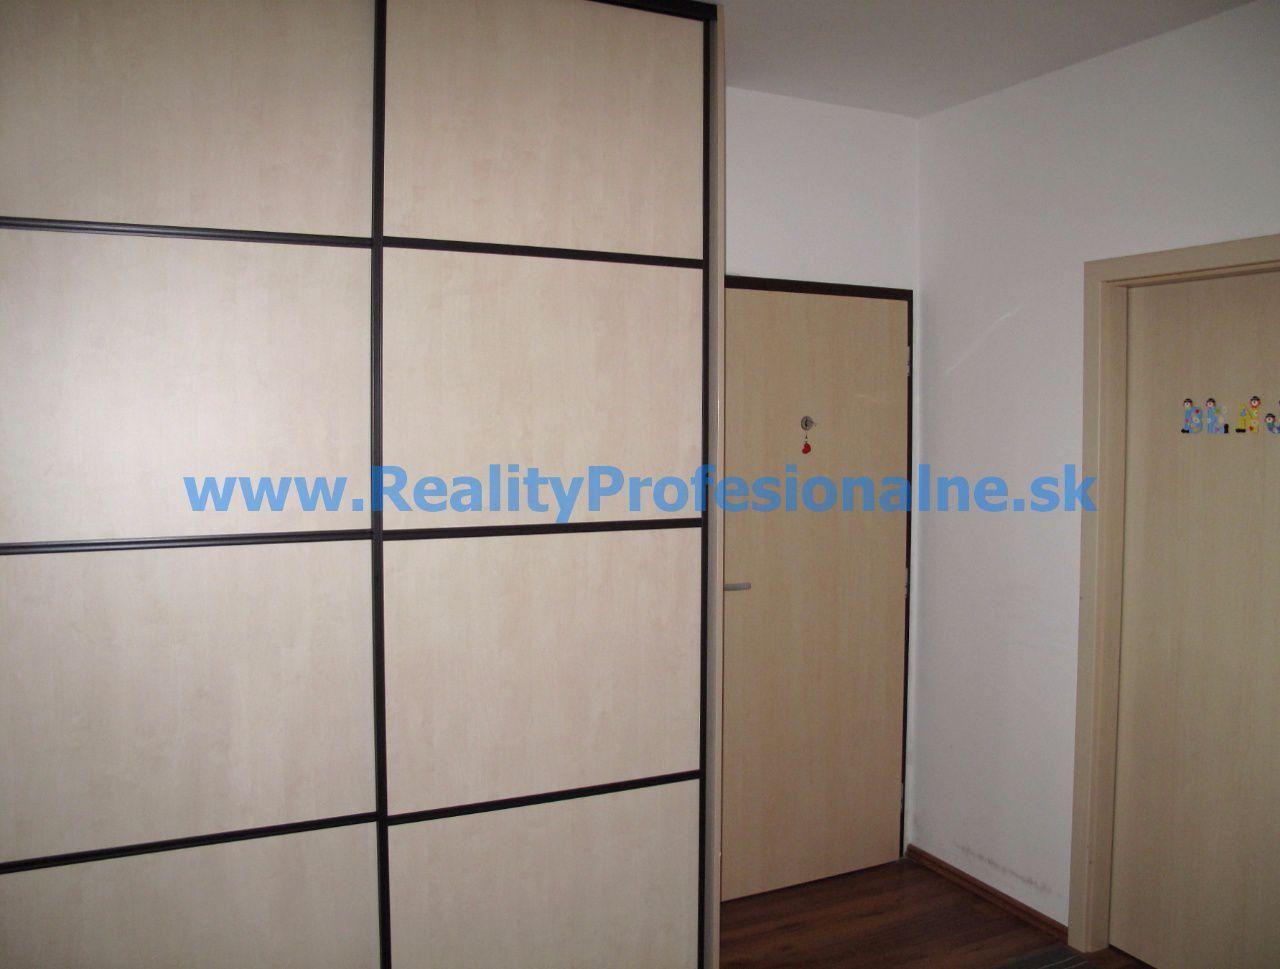 PREDANÉ ZA 2 DNI: Hľadáte príjemný domov so všetkým komfortom? 3 izbový byt v Petržalke na Budatínskej ulici vám ho poskytne